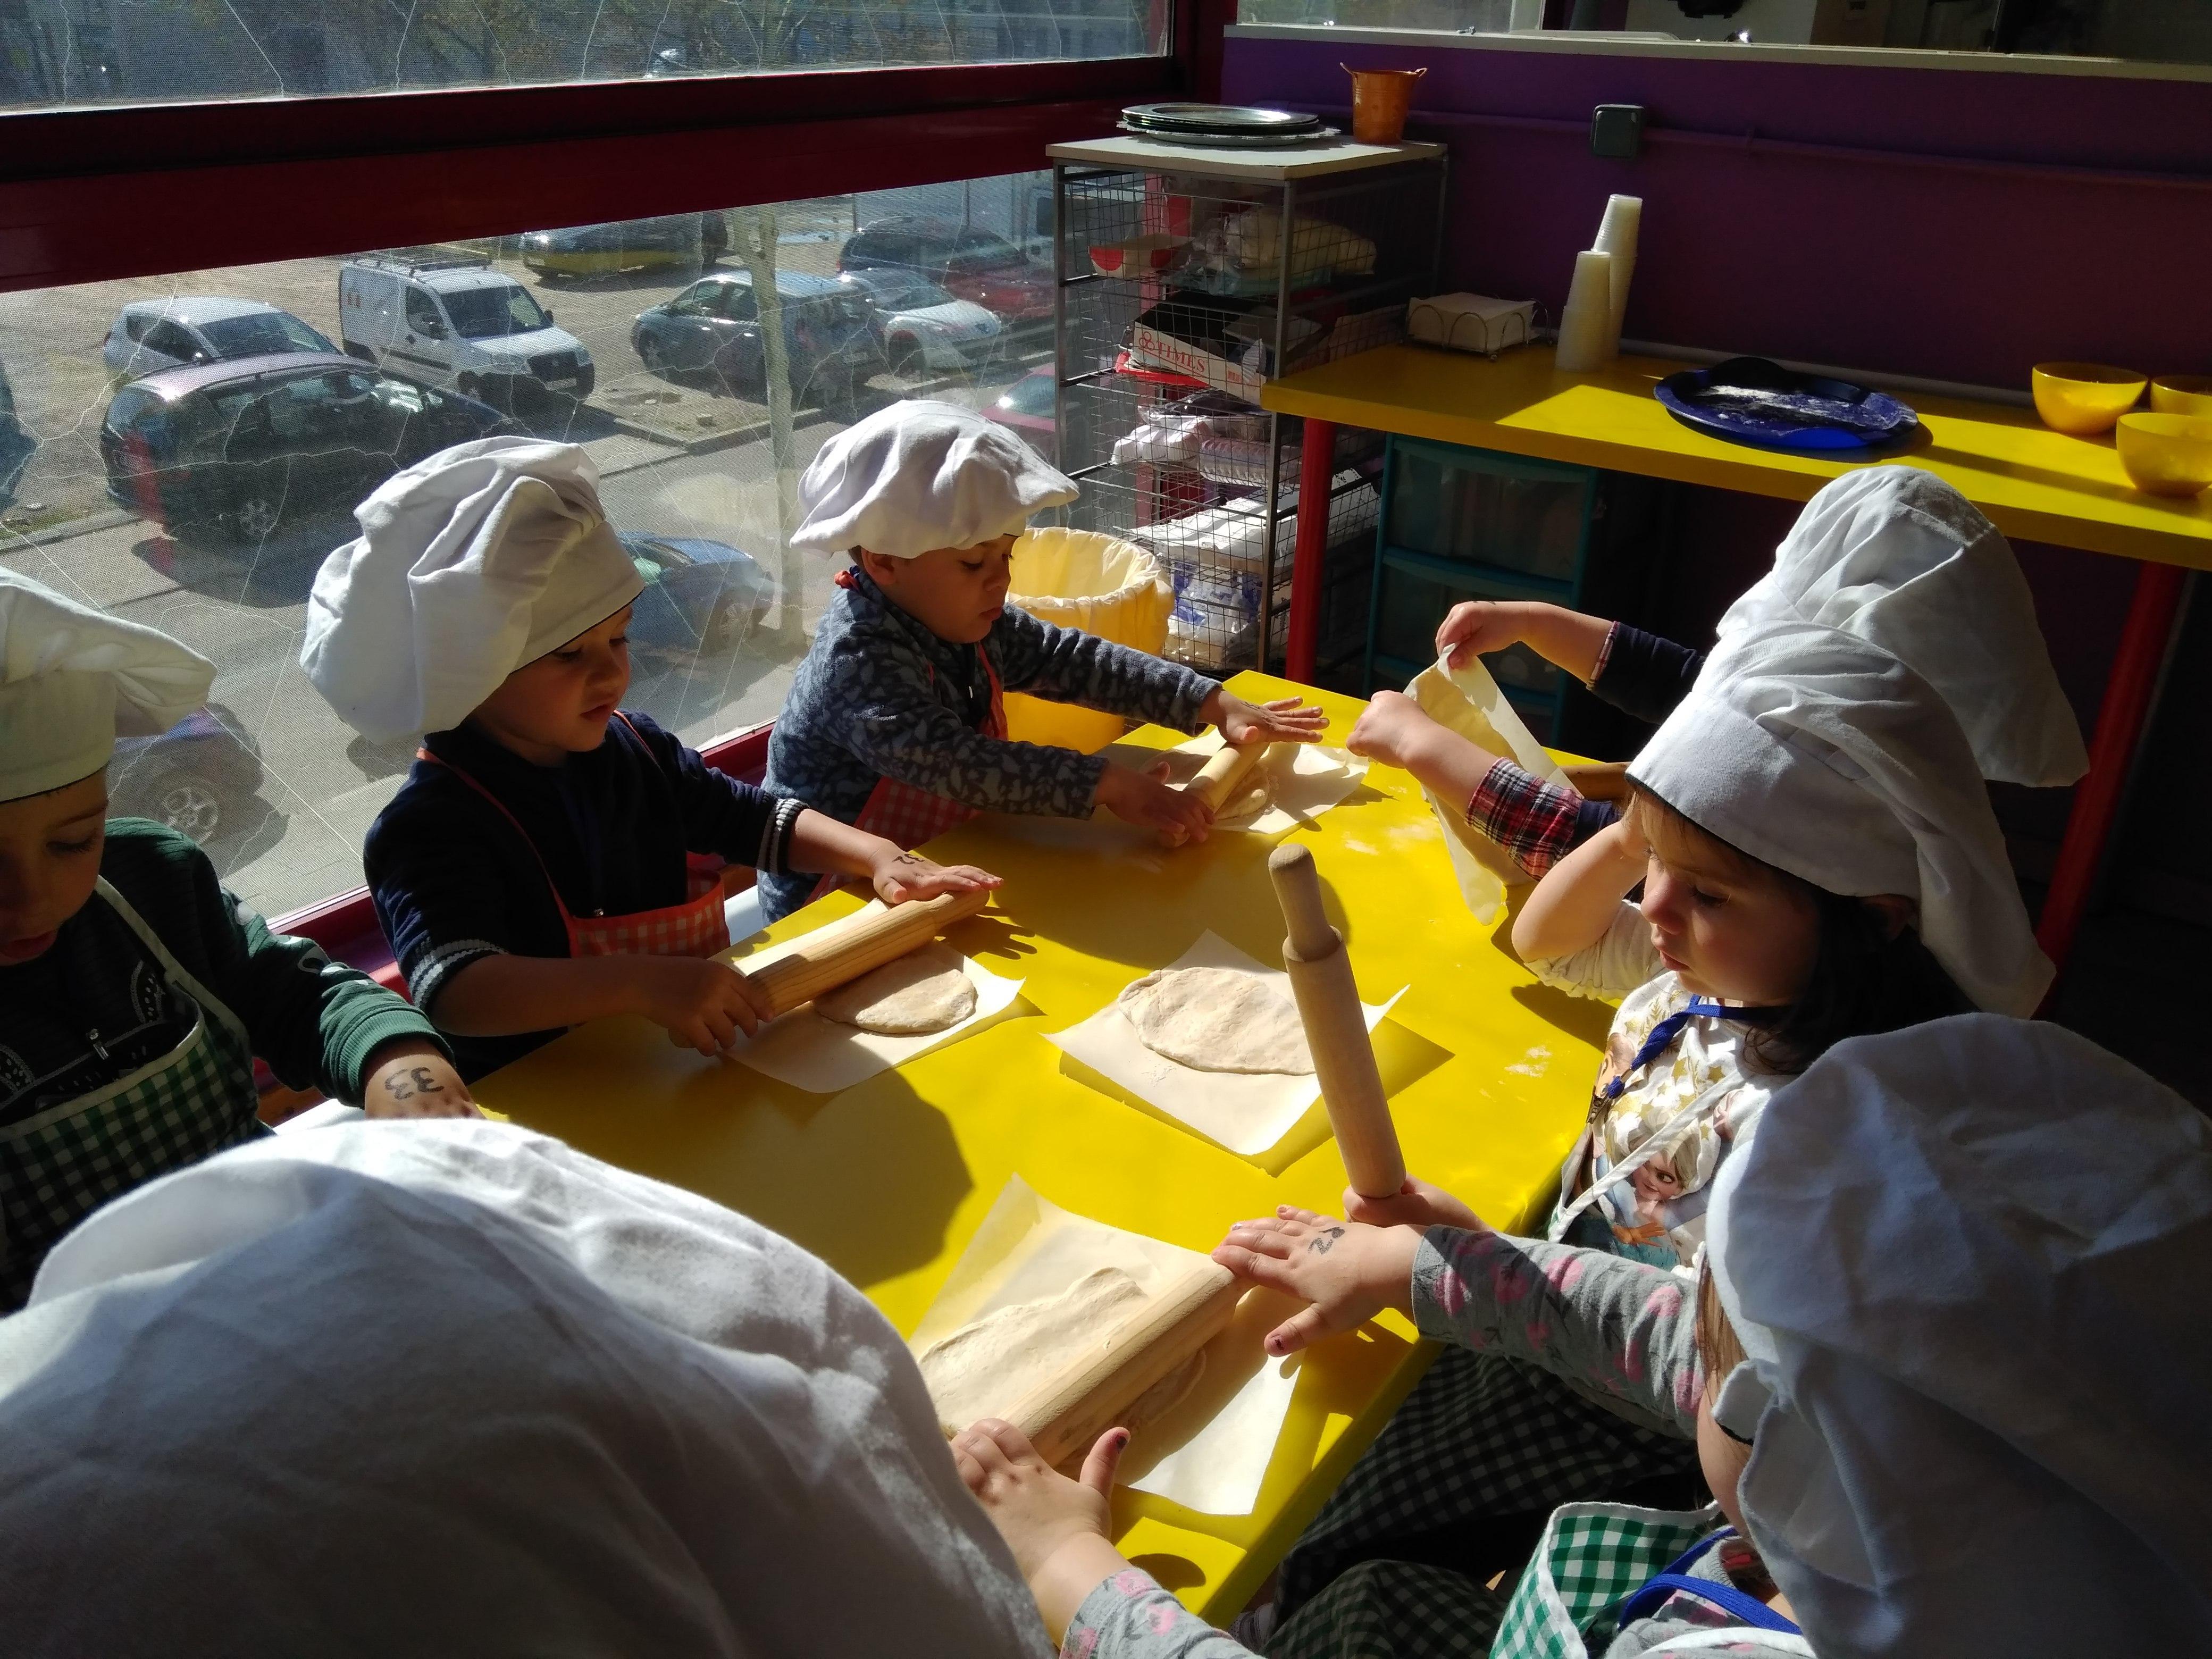 Excursión Escuela de cocina 33